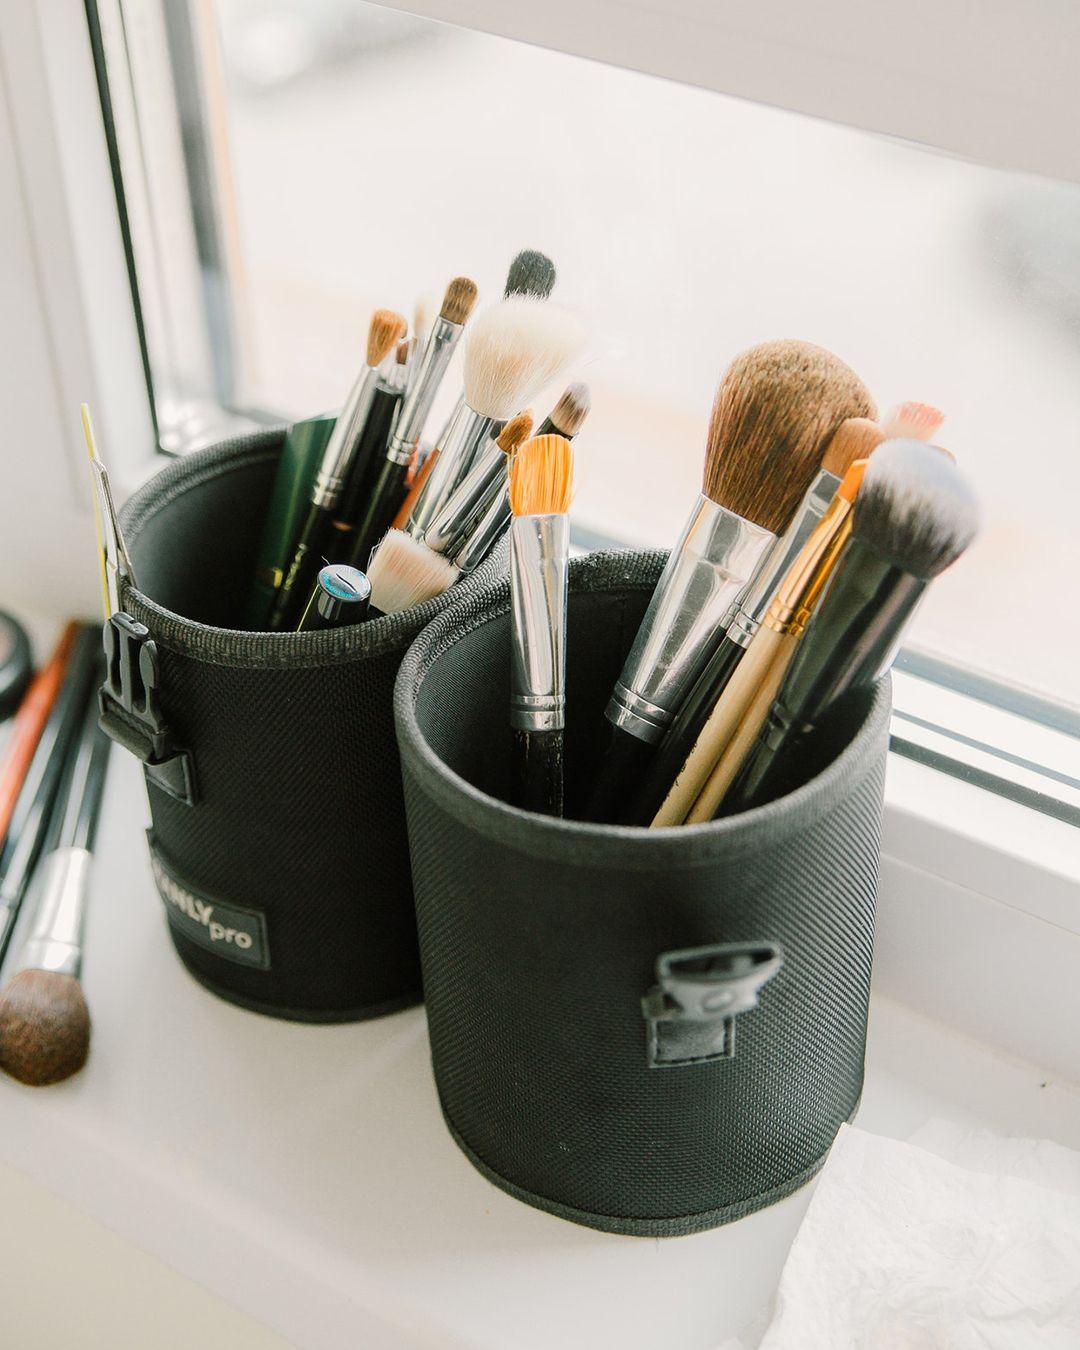 Tipos de pincéis de maquiagem: para que serve cada um deles?